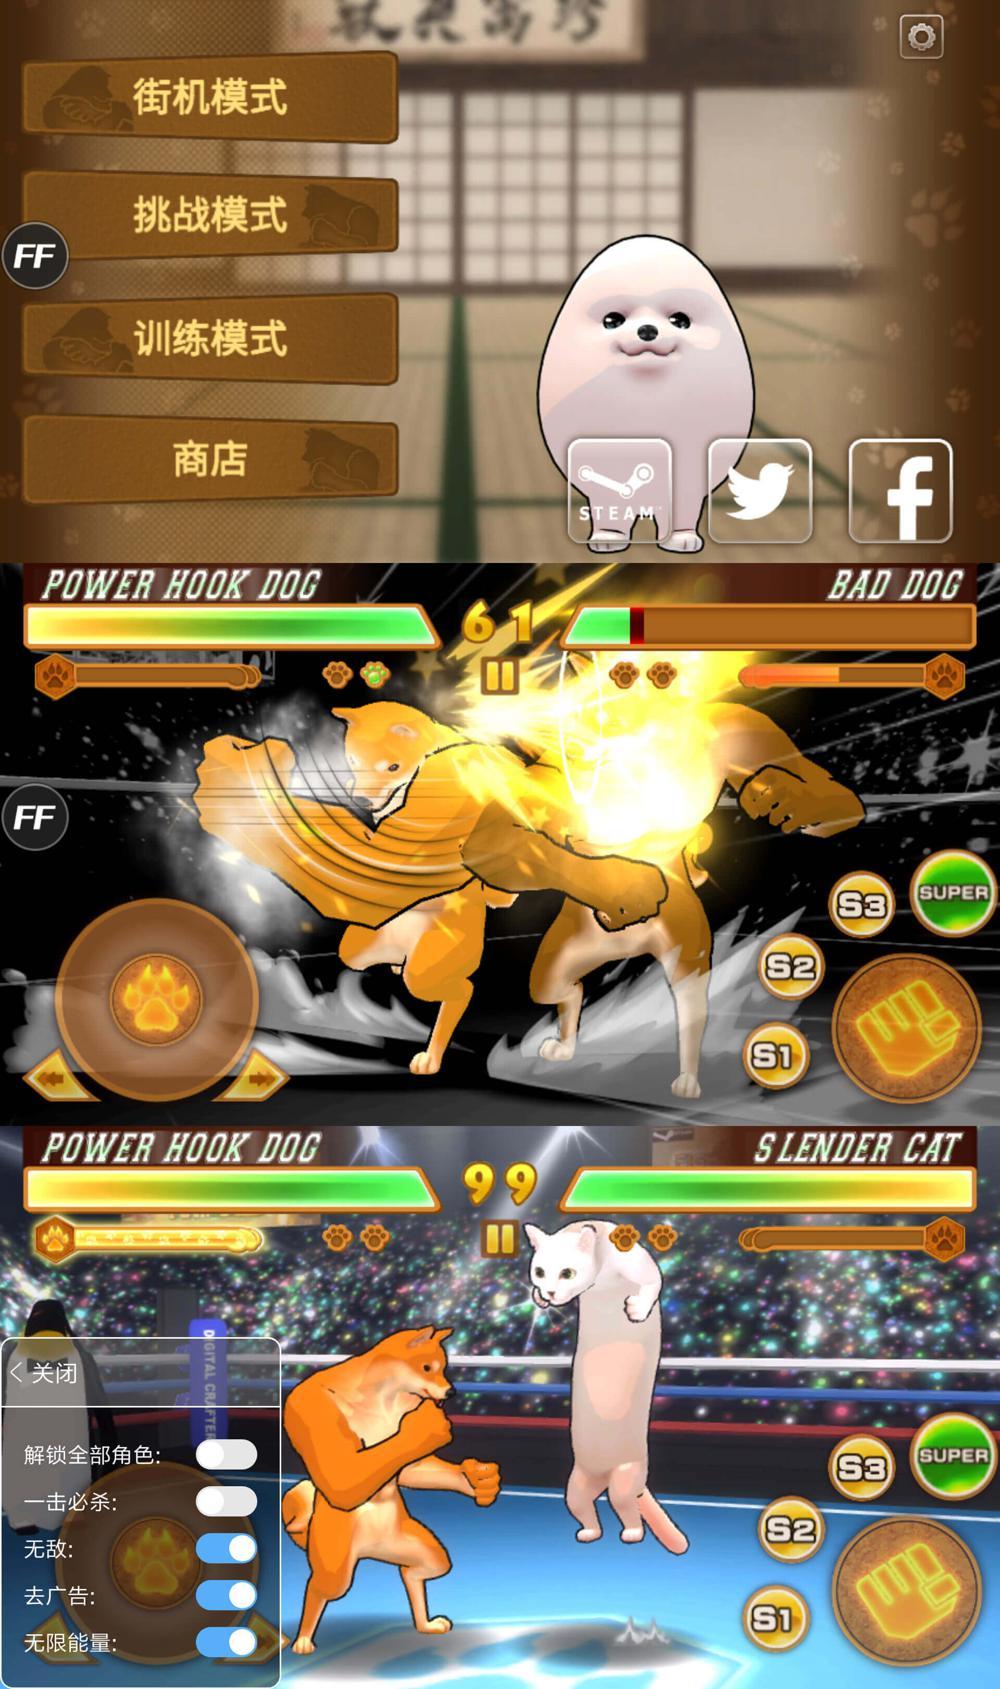 魔性格斗游戏 动物格斗